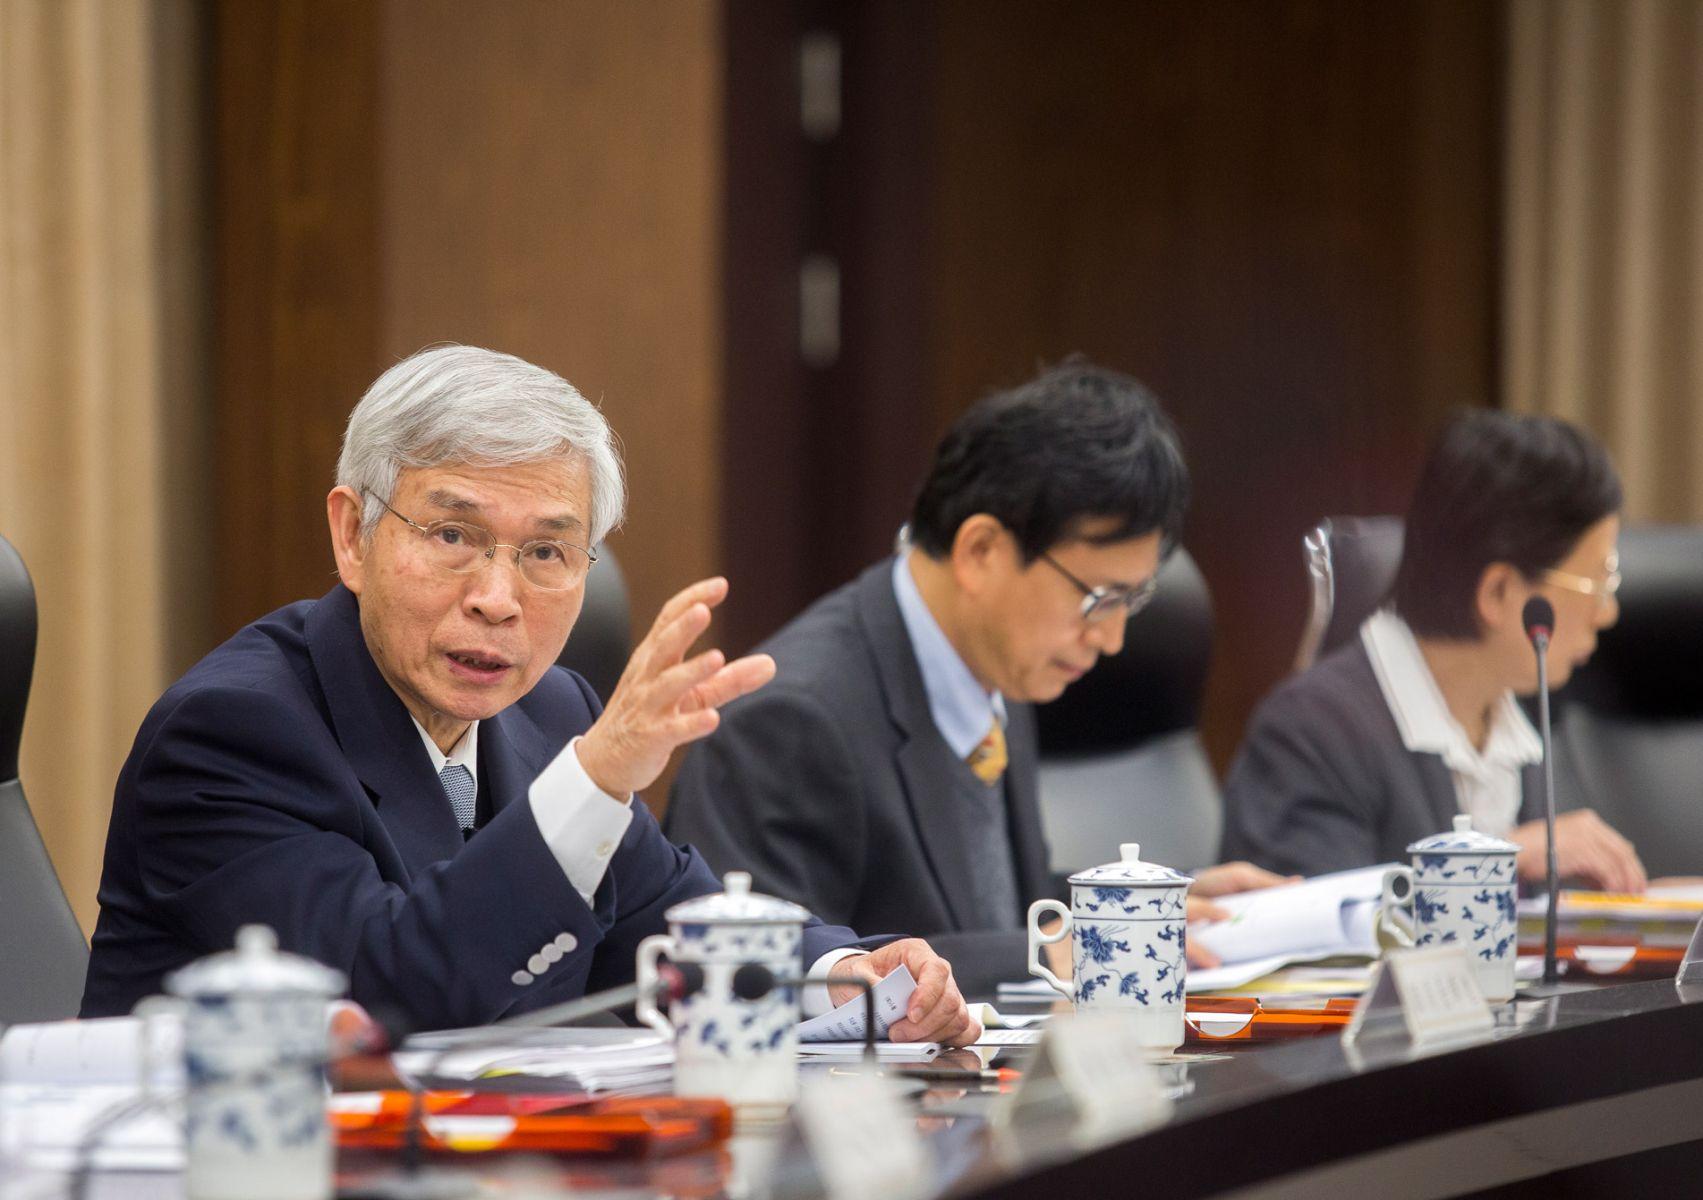 台幣沒升值、產業轉型卡一半...解析台灣「全球最醜經濟體」背後的真相